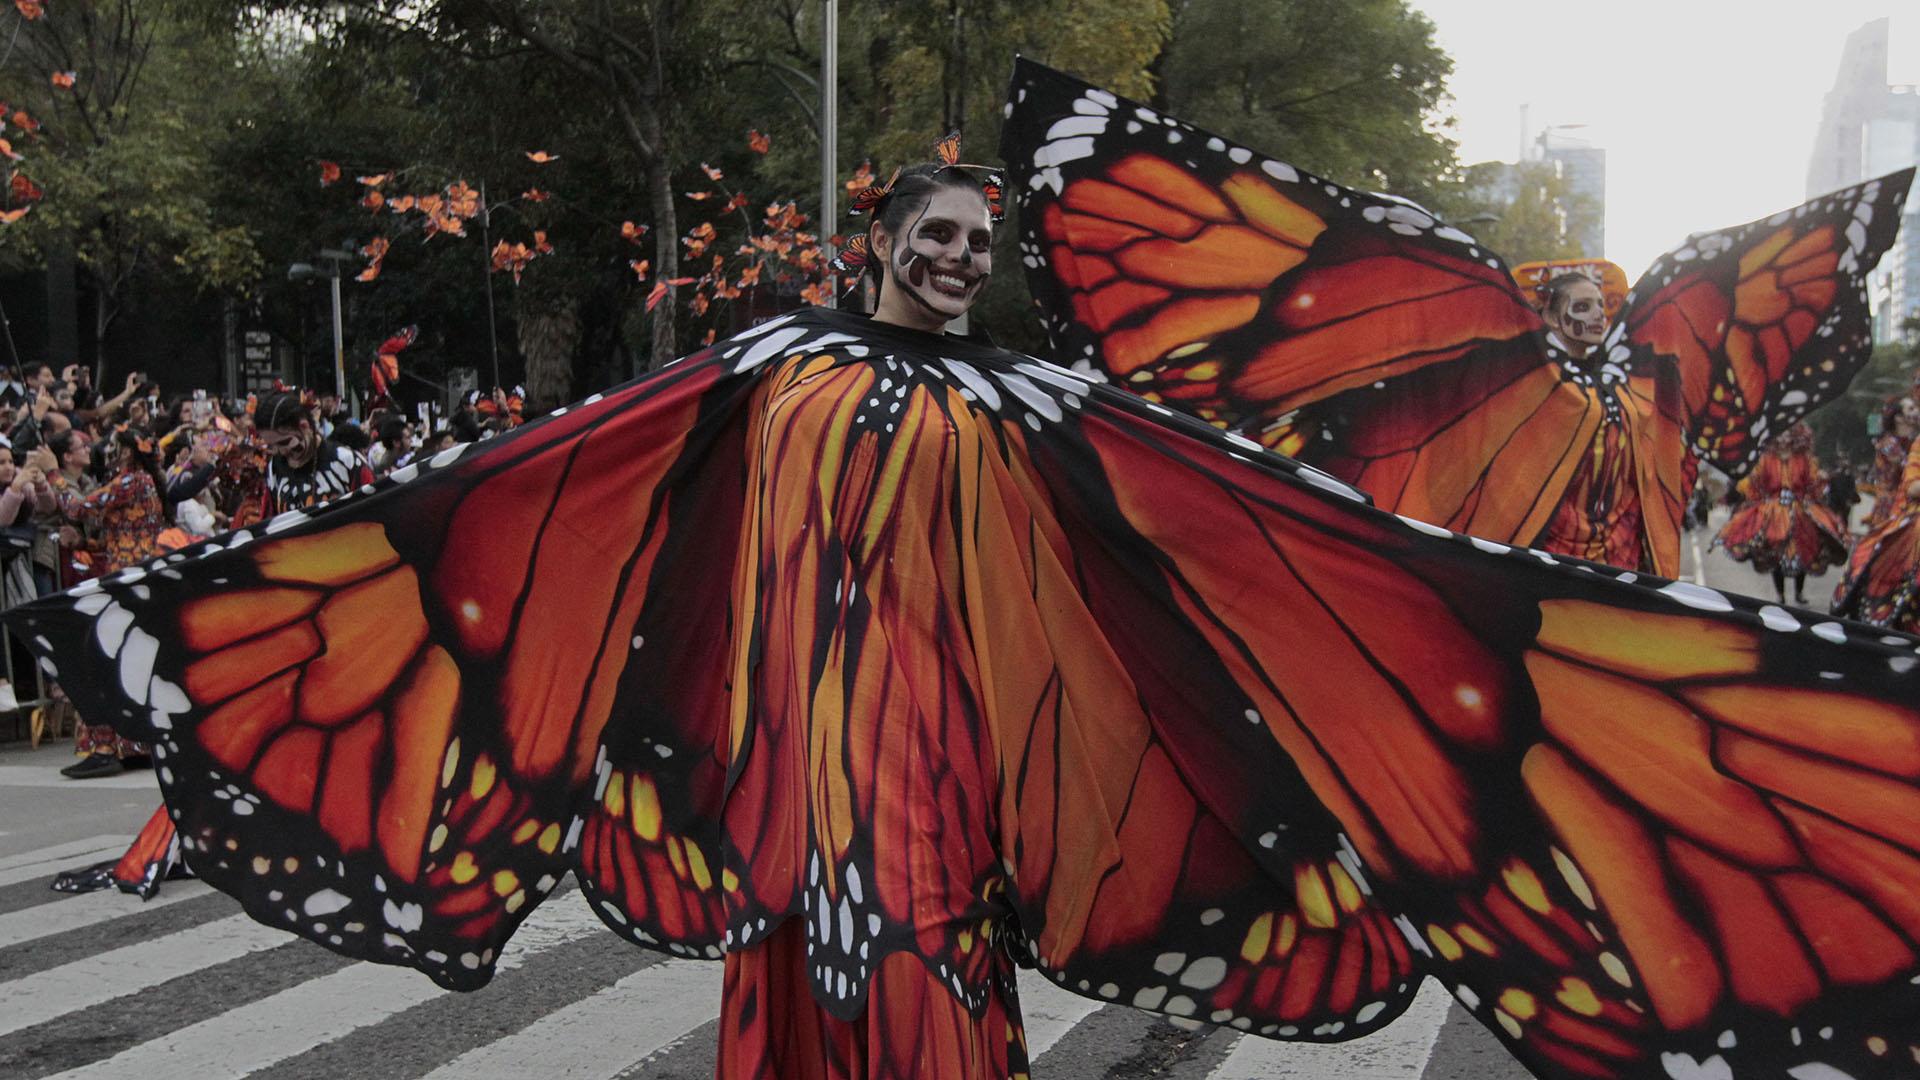 En un subsegmento se recuerda a los animales migratorios. En este sentido, uno de los contingentes más aplaudidos fue el de un grupo de danzantes de ballet que representaban a las mariposas monarcas